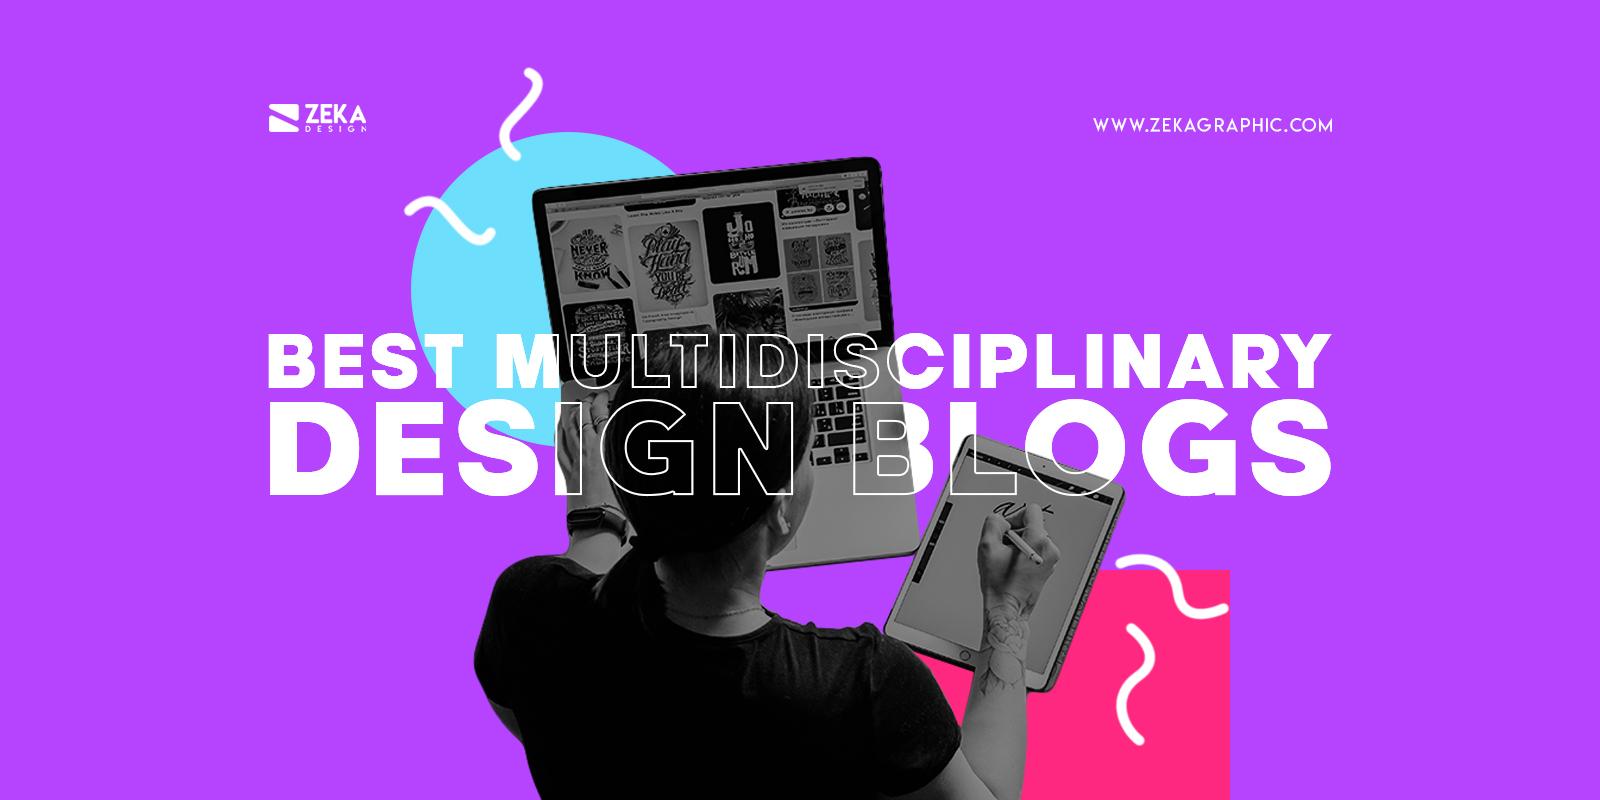 Best Multidisciplinary Graphic Design Blogs